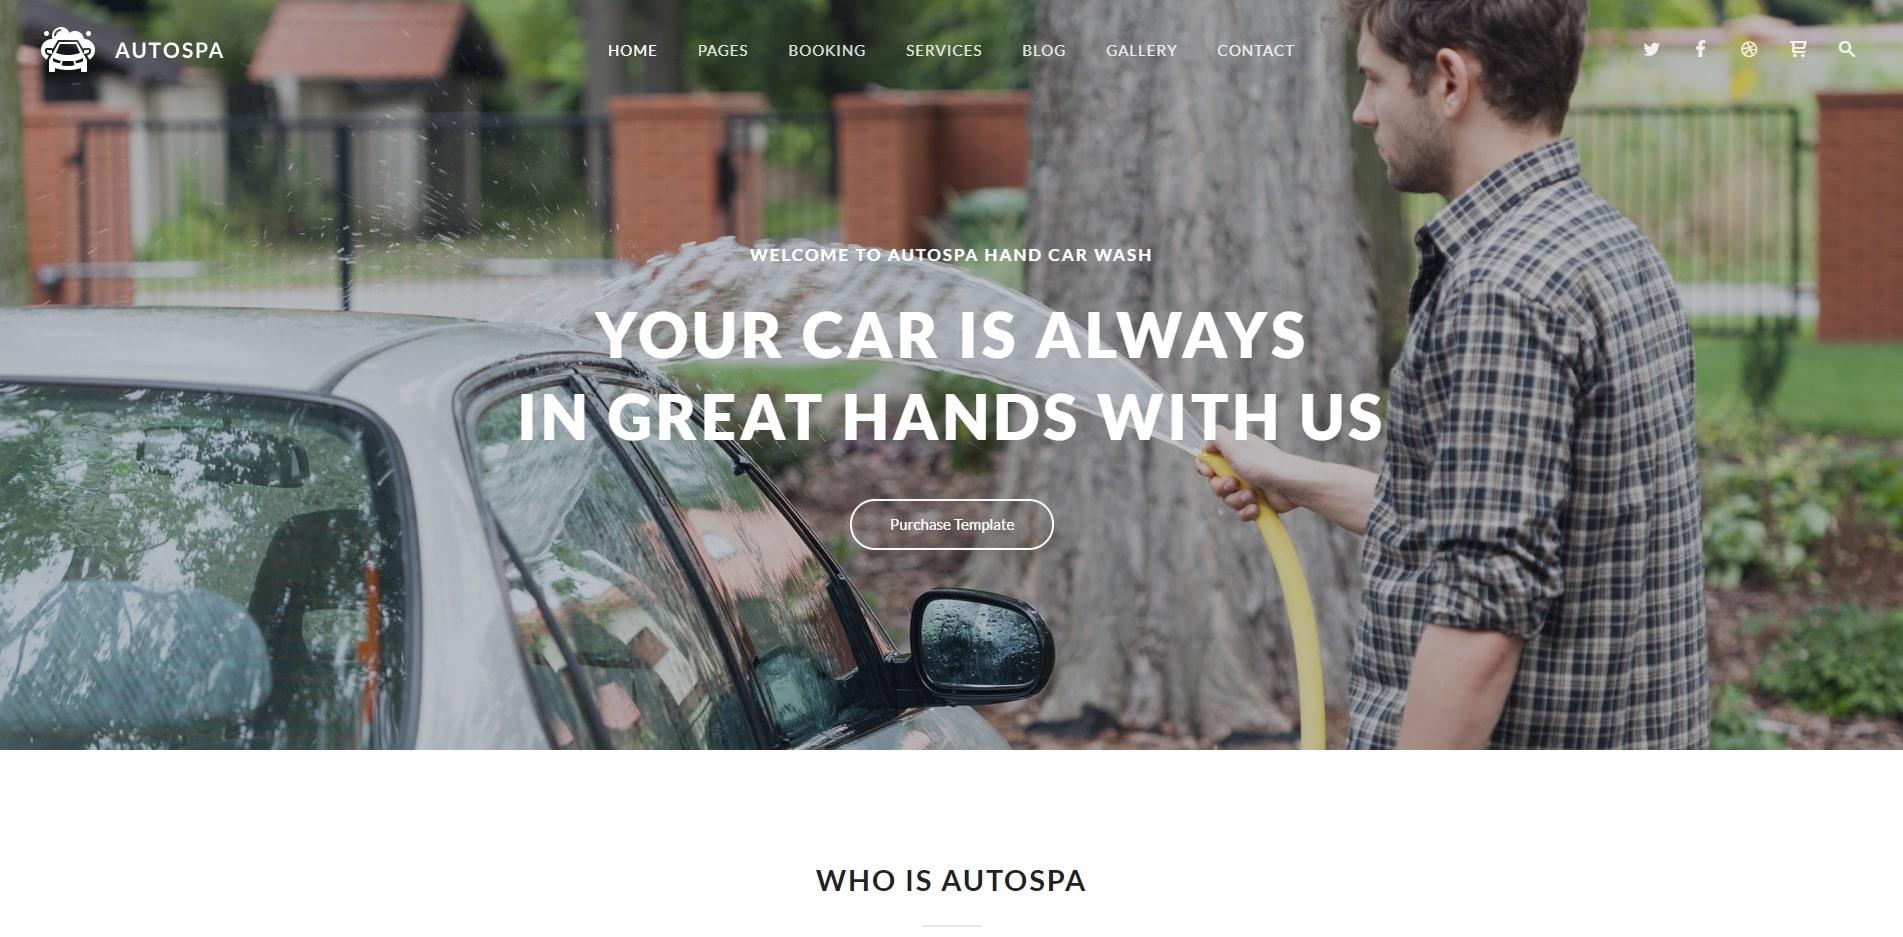 autospa car dealer website template